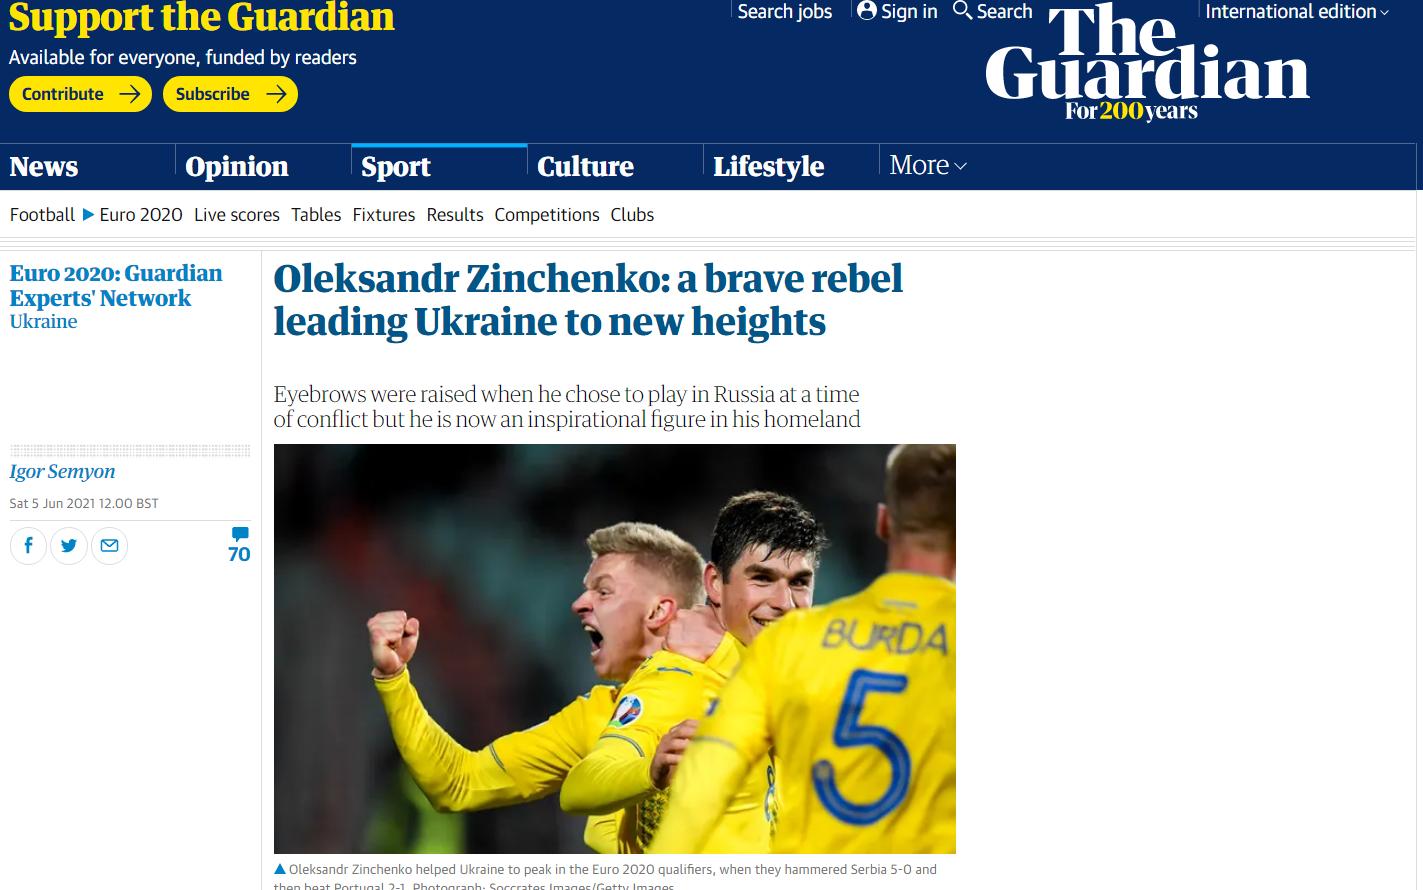 Взгляд английских болельщиков на сборную Украины. По материалам партнерства The Guardian и UA-Футбол - изображение 1